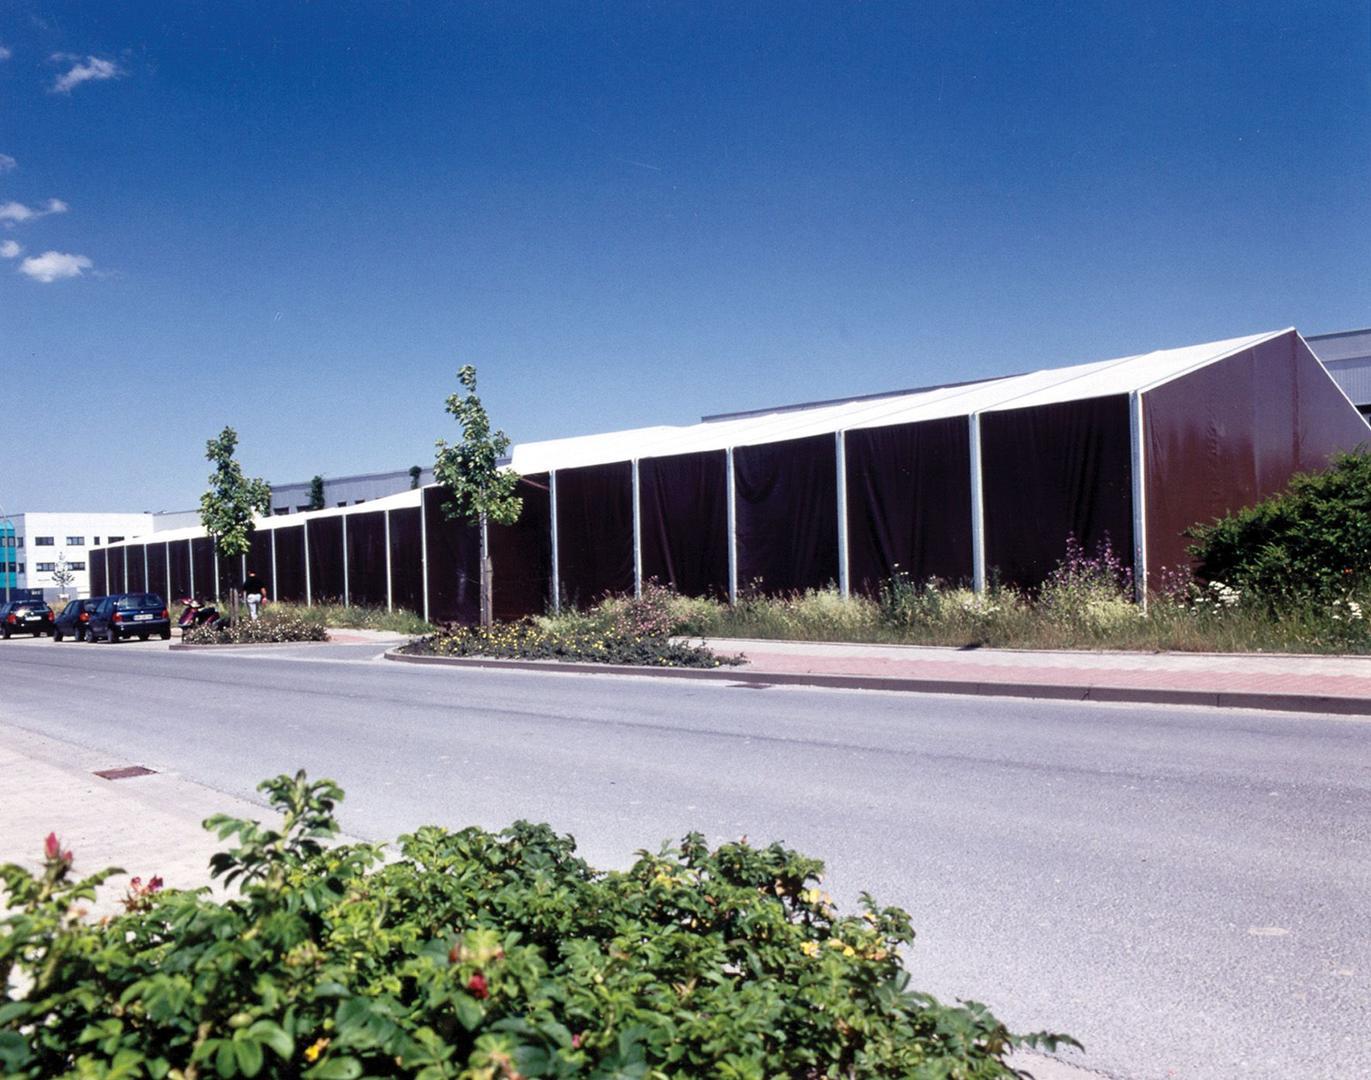 Lagerzelt mieten & vermieten - Leichtbauhalle, Lagerhalle, Lagerzelt 15x20m in Reinstädt